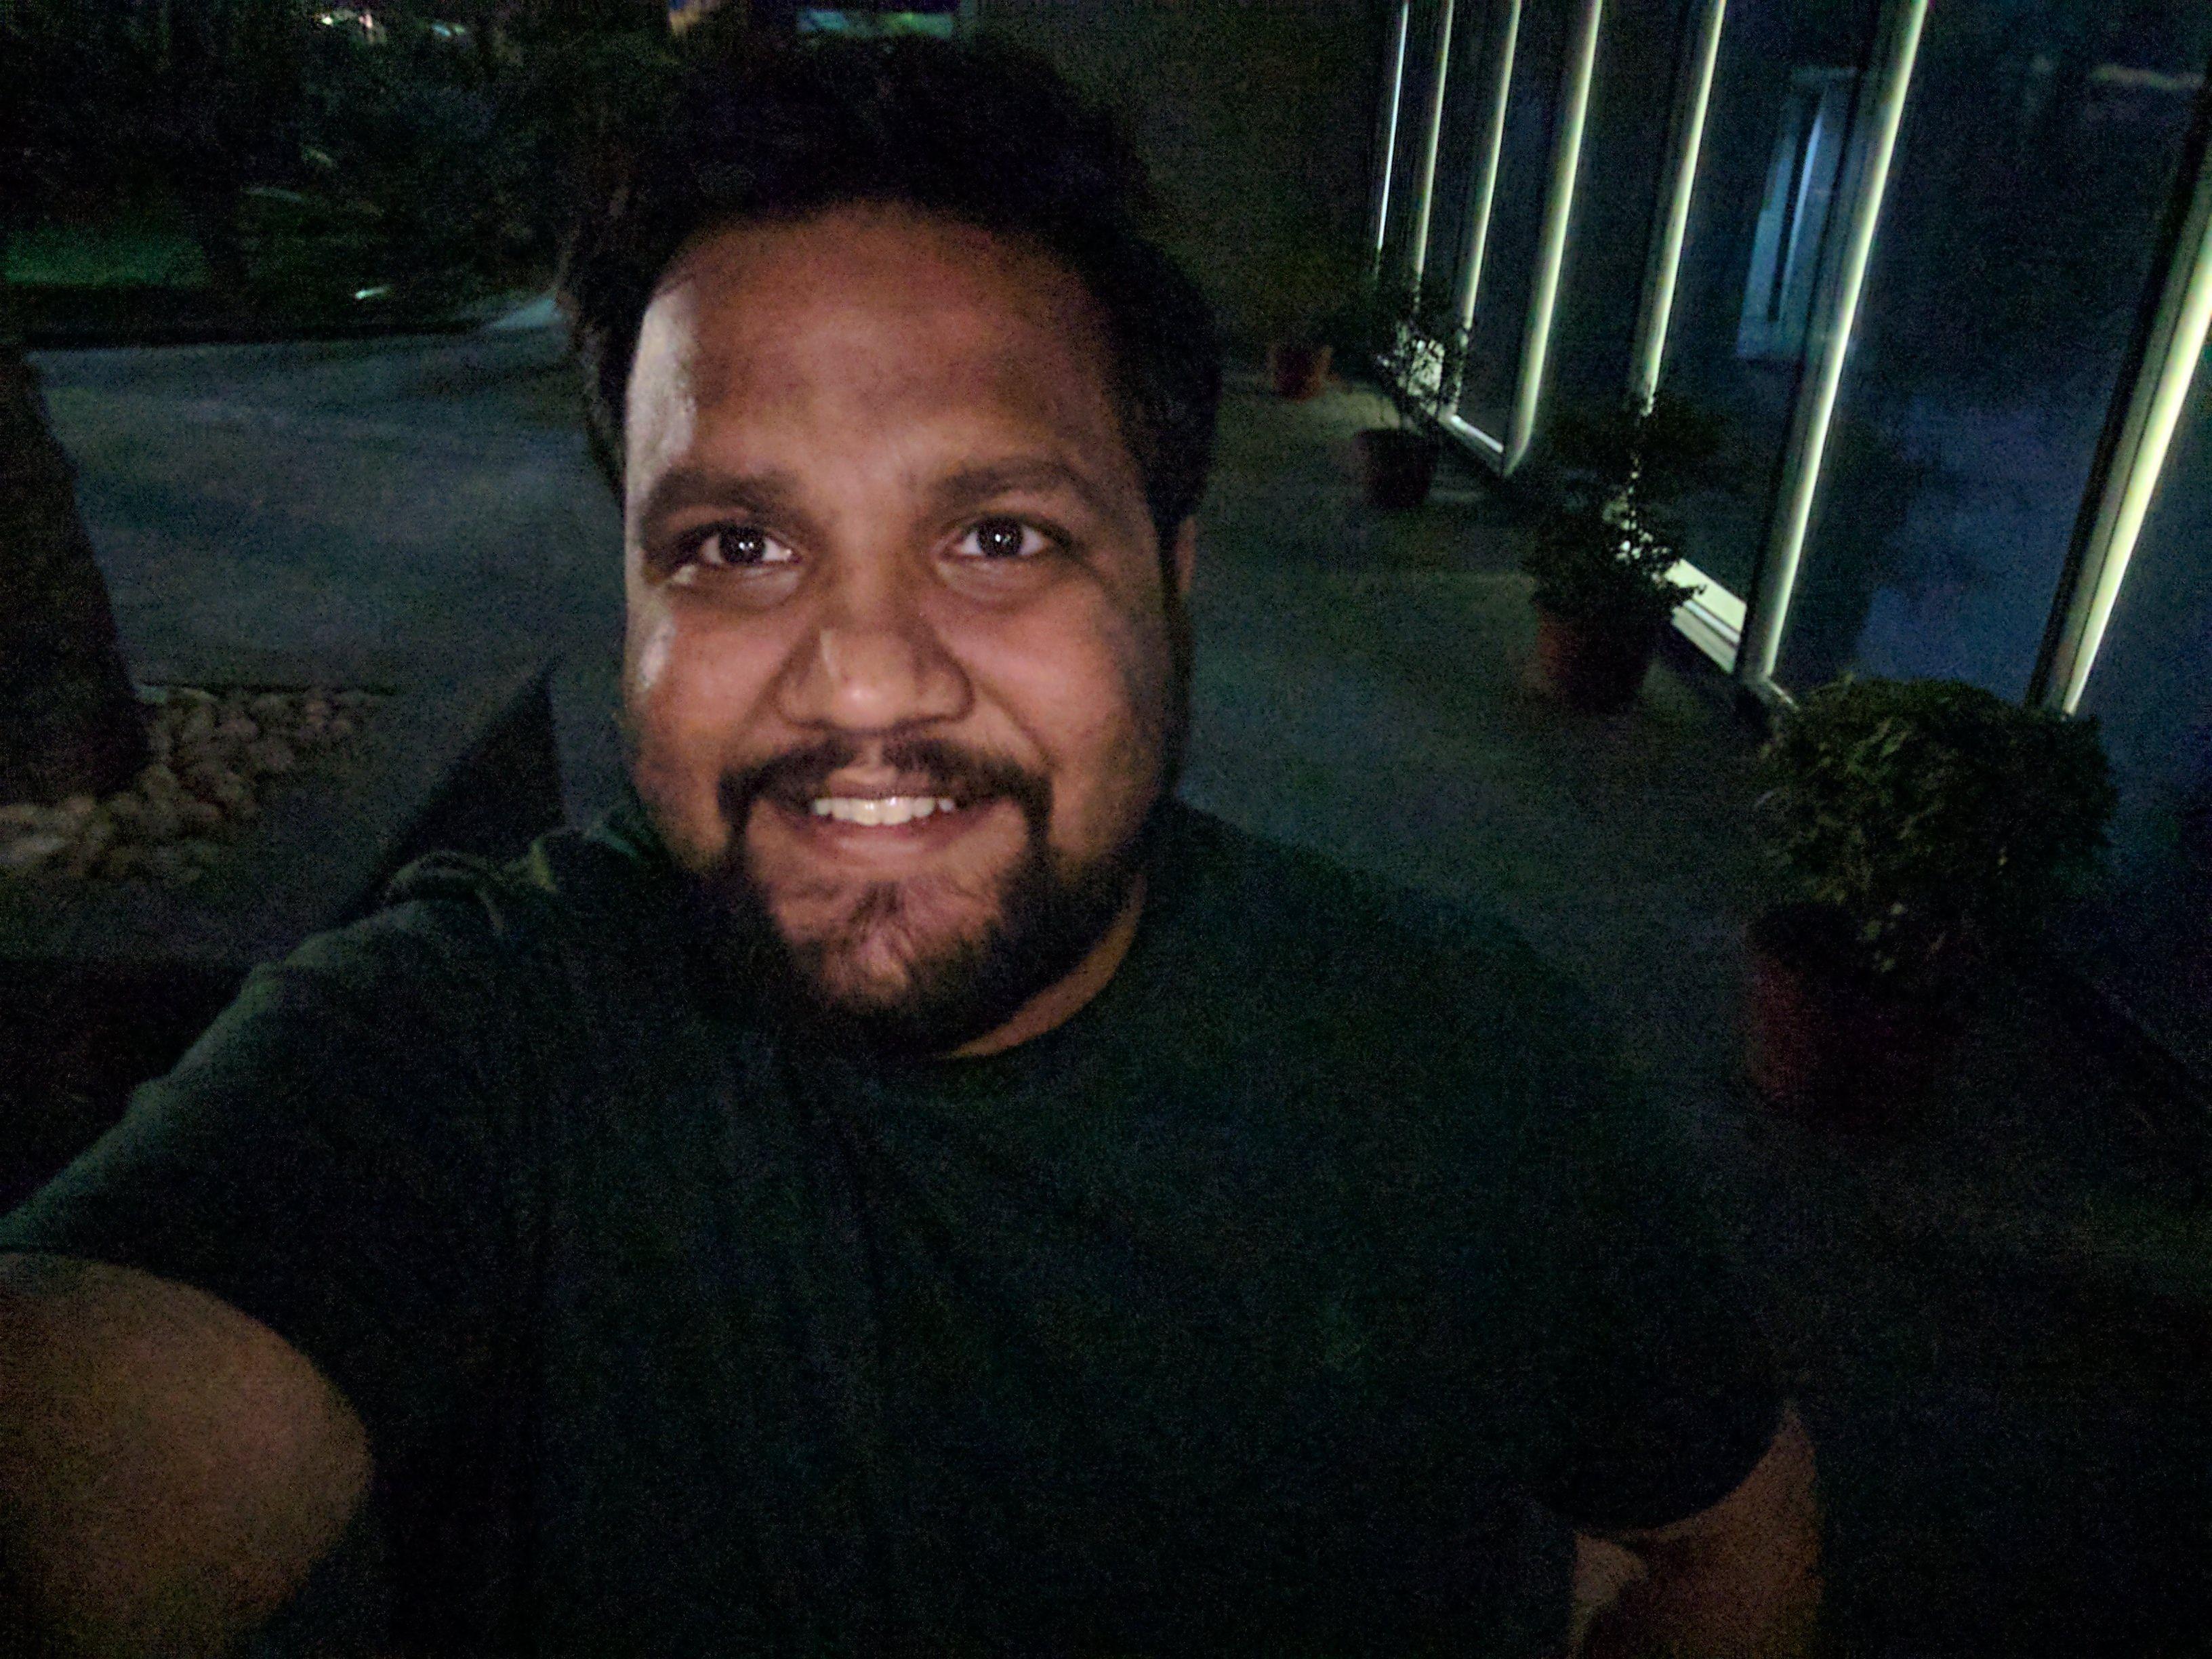 pixel_selfie_low_light_2